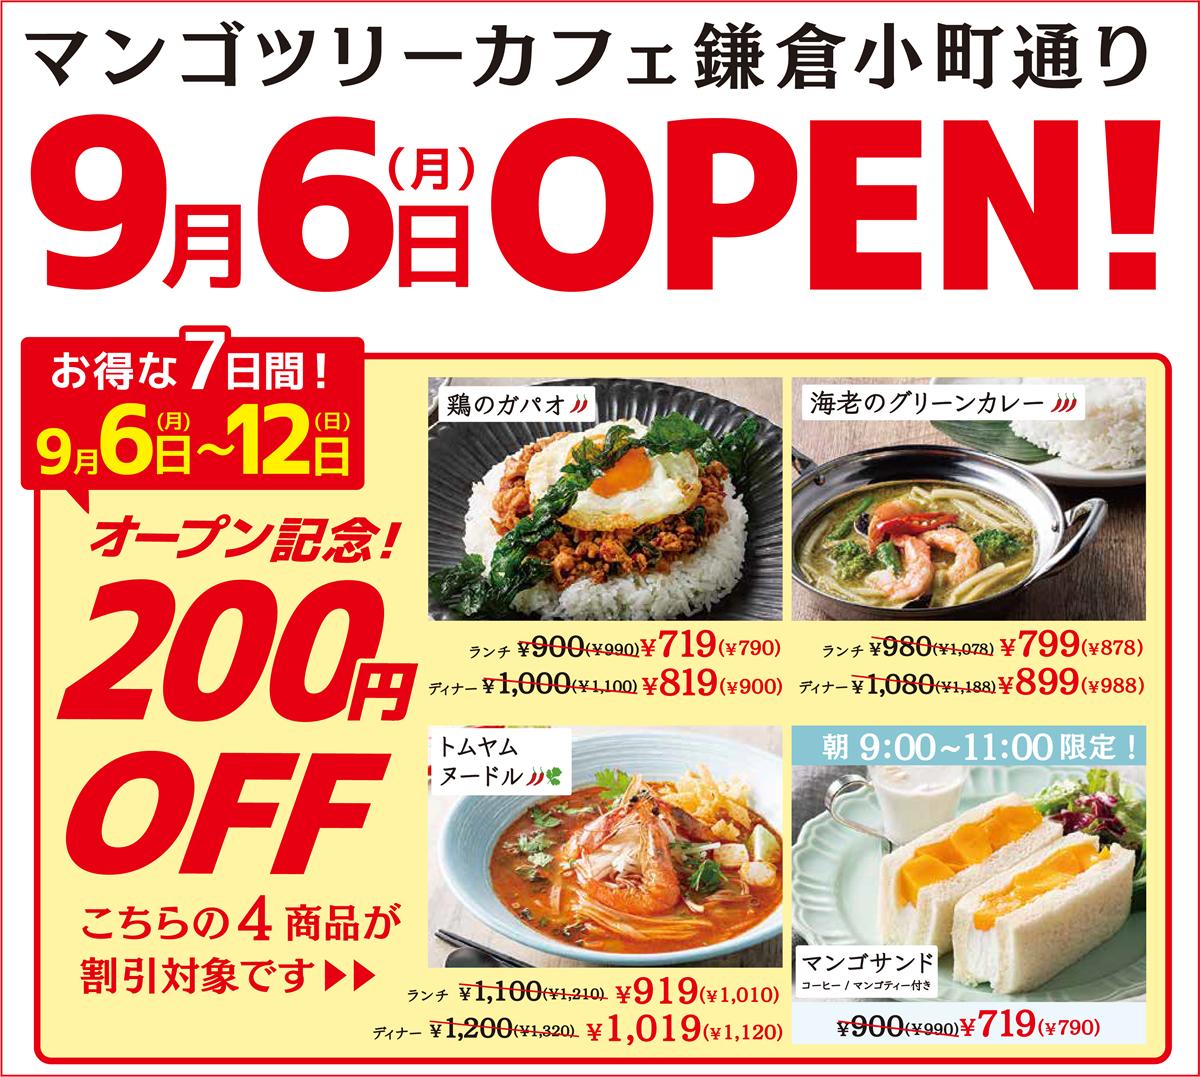 鎌倉にタイ料理レストラン「マンゴツリーカフェ」オープン